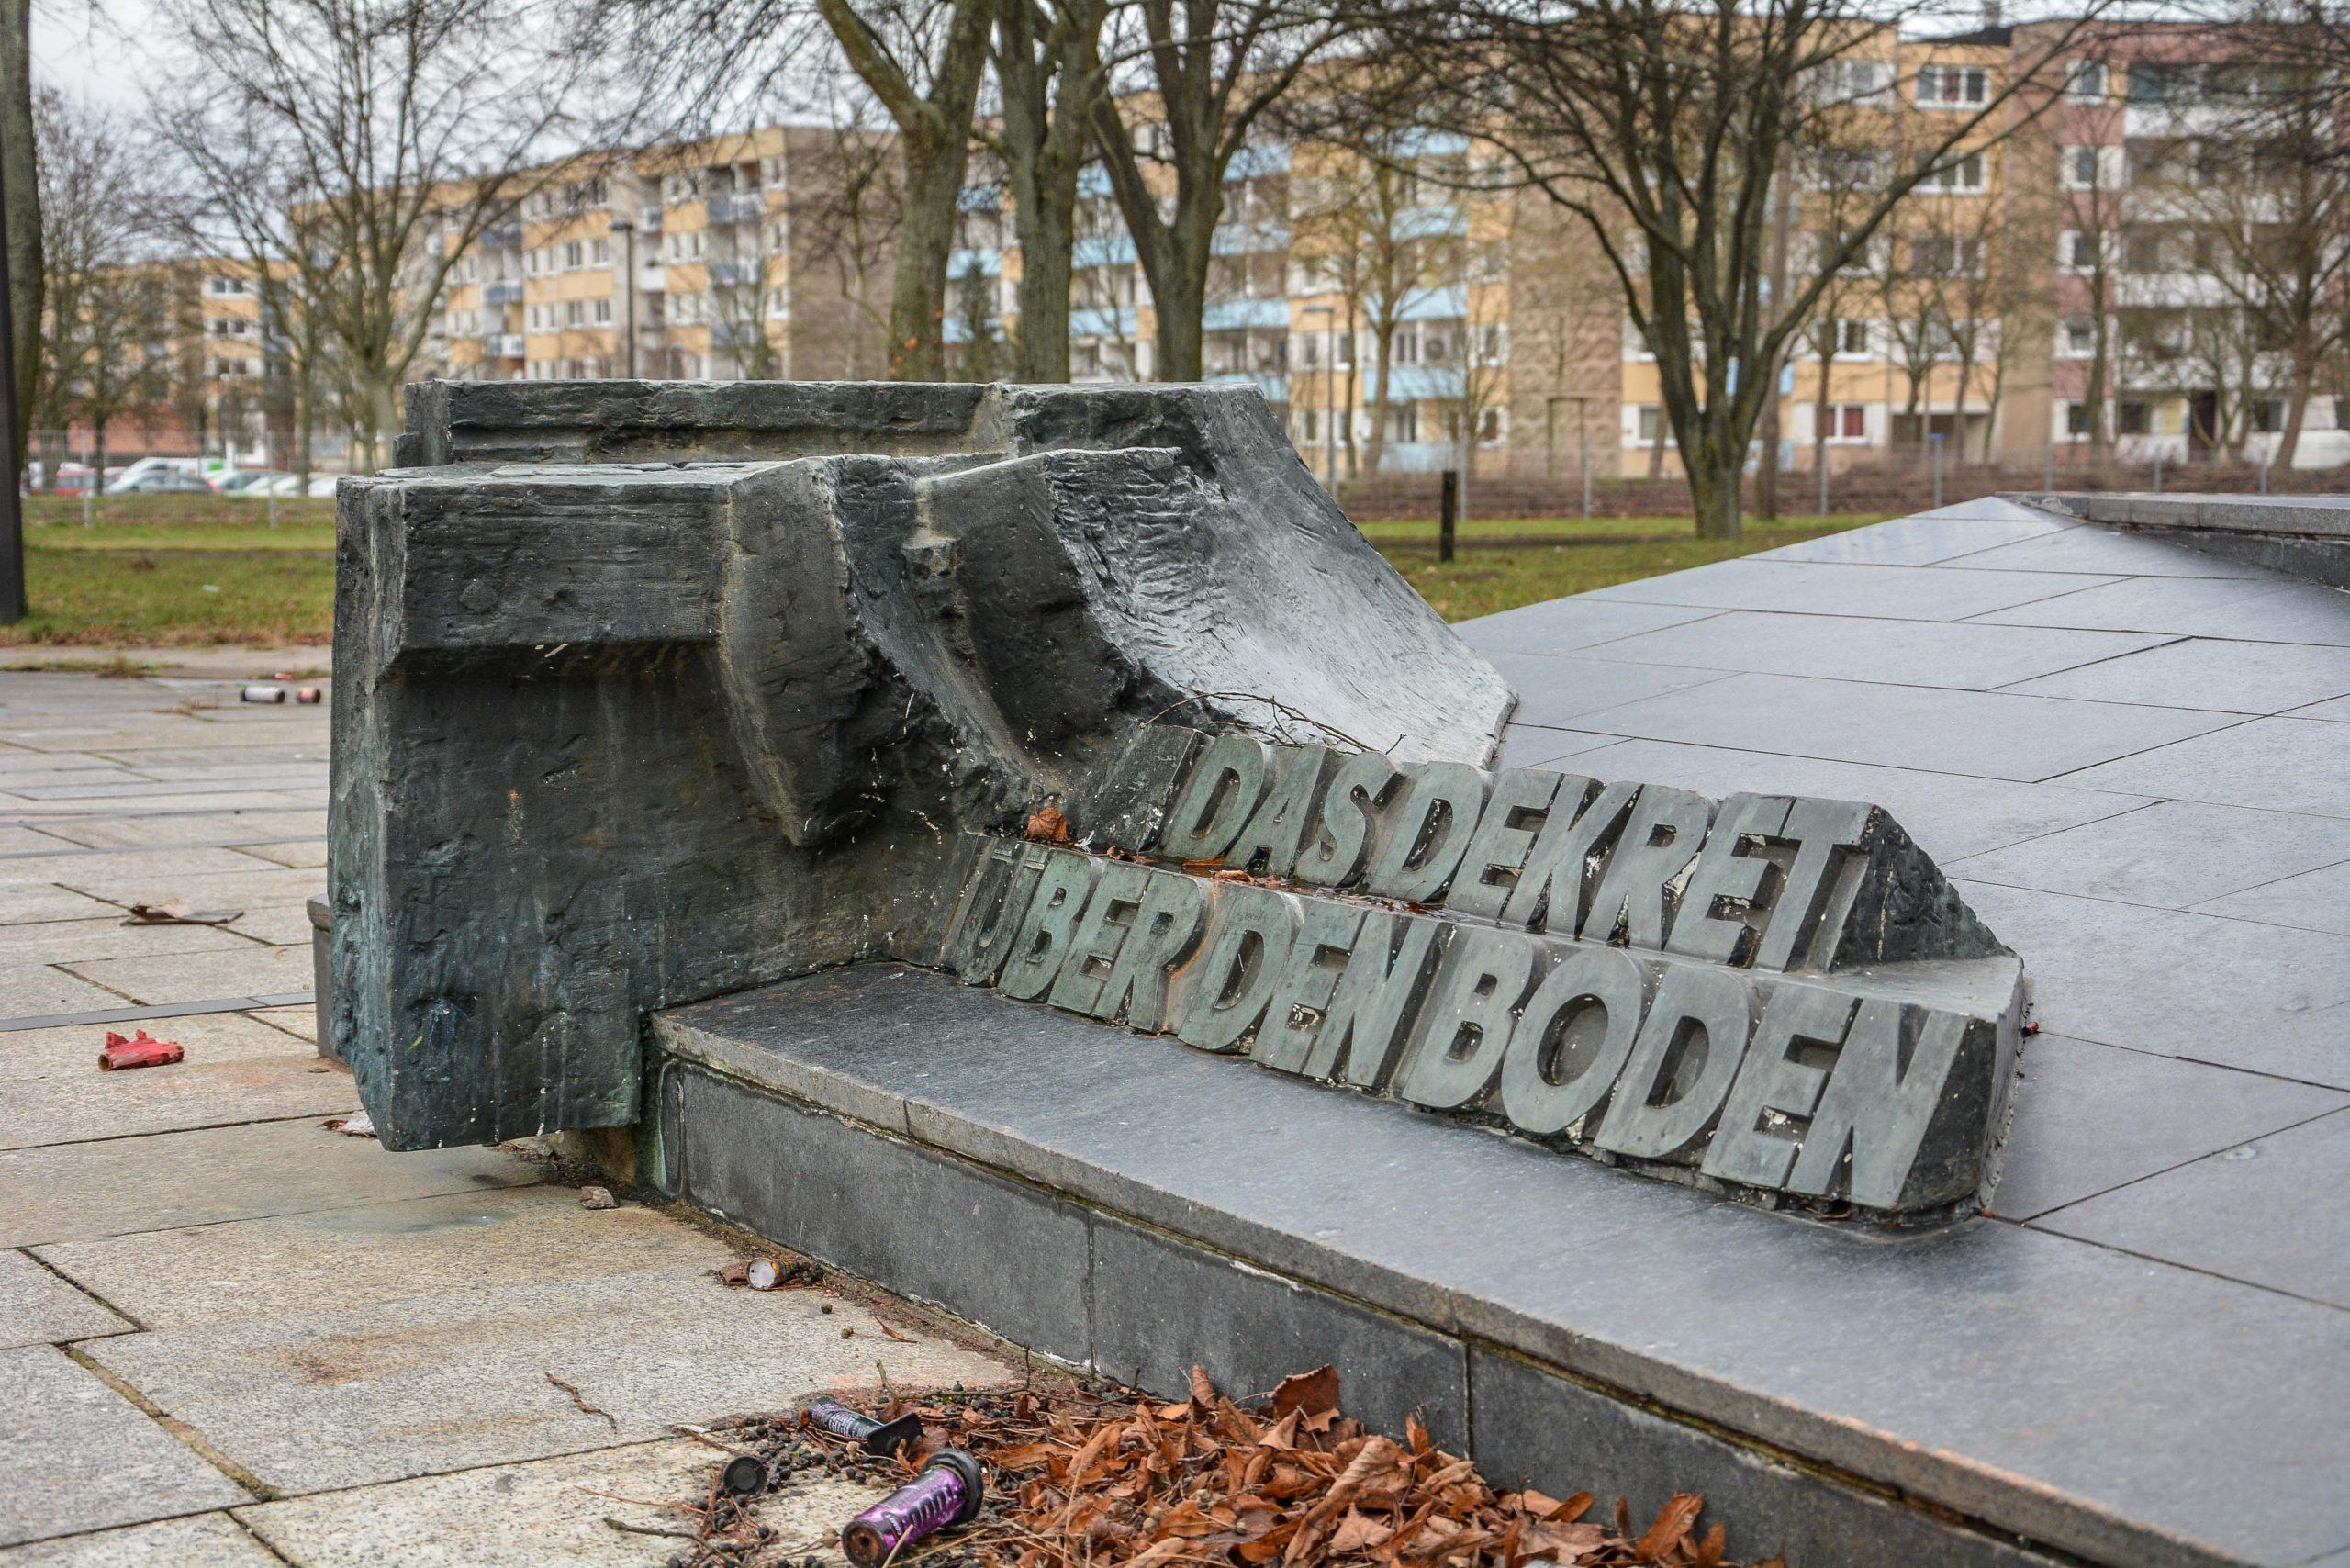 das dekret ueber den boden lenin statue denkmal schwerin mecklenburg vorpommern germany deutschland